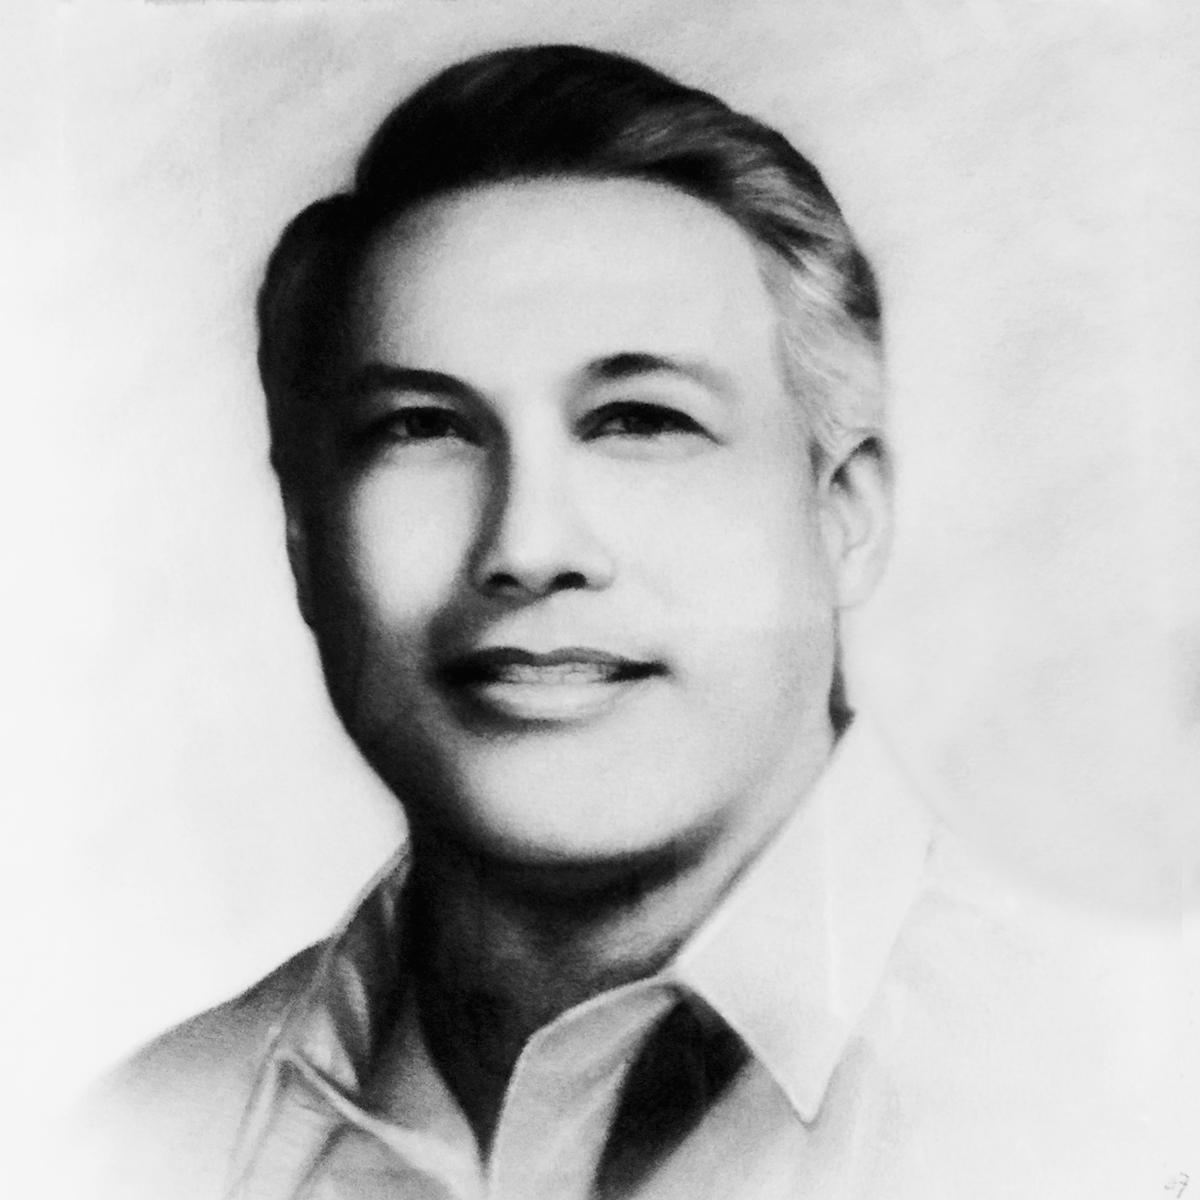 Danilo R. Deen